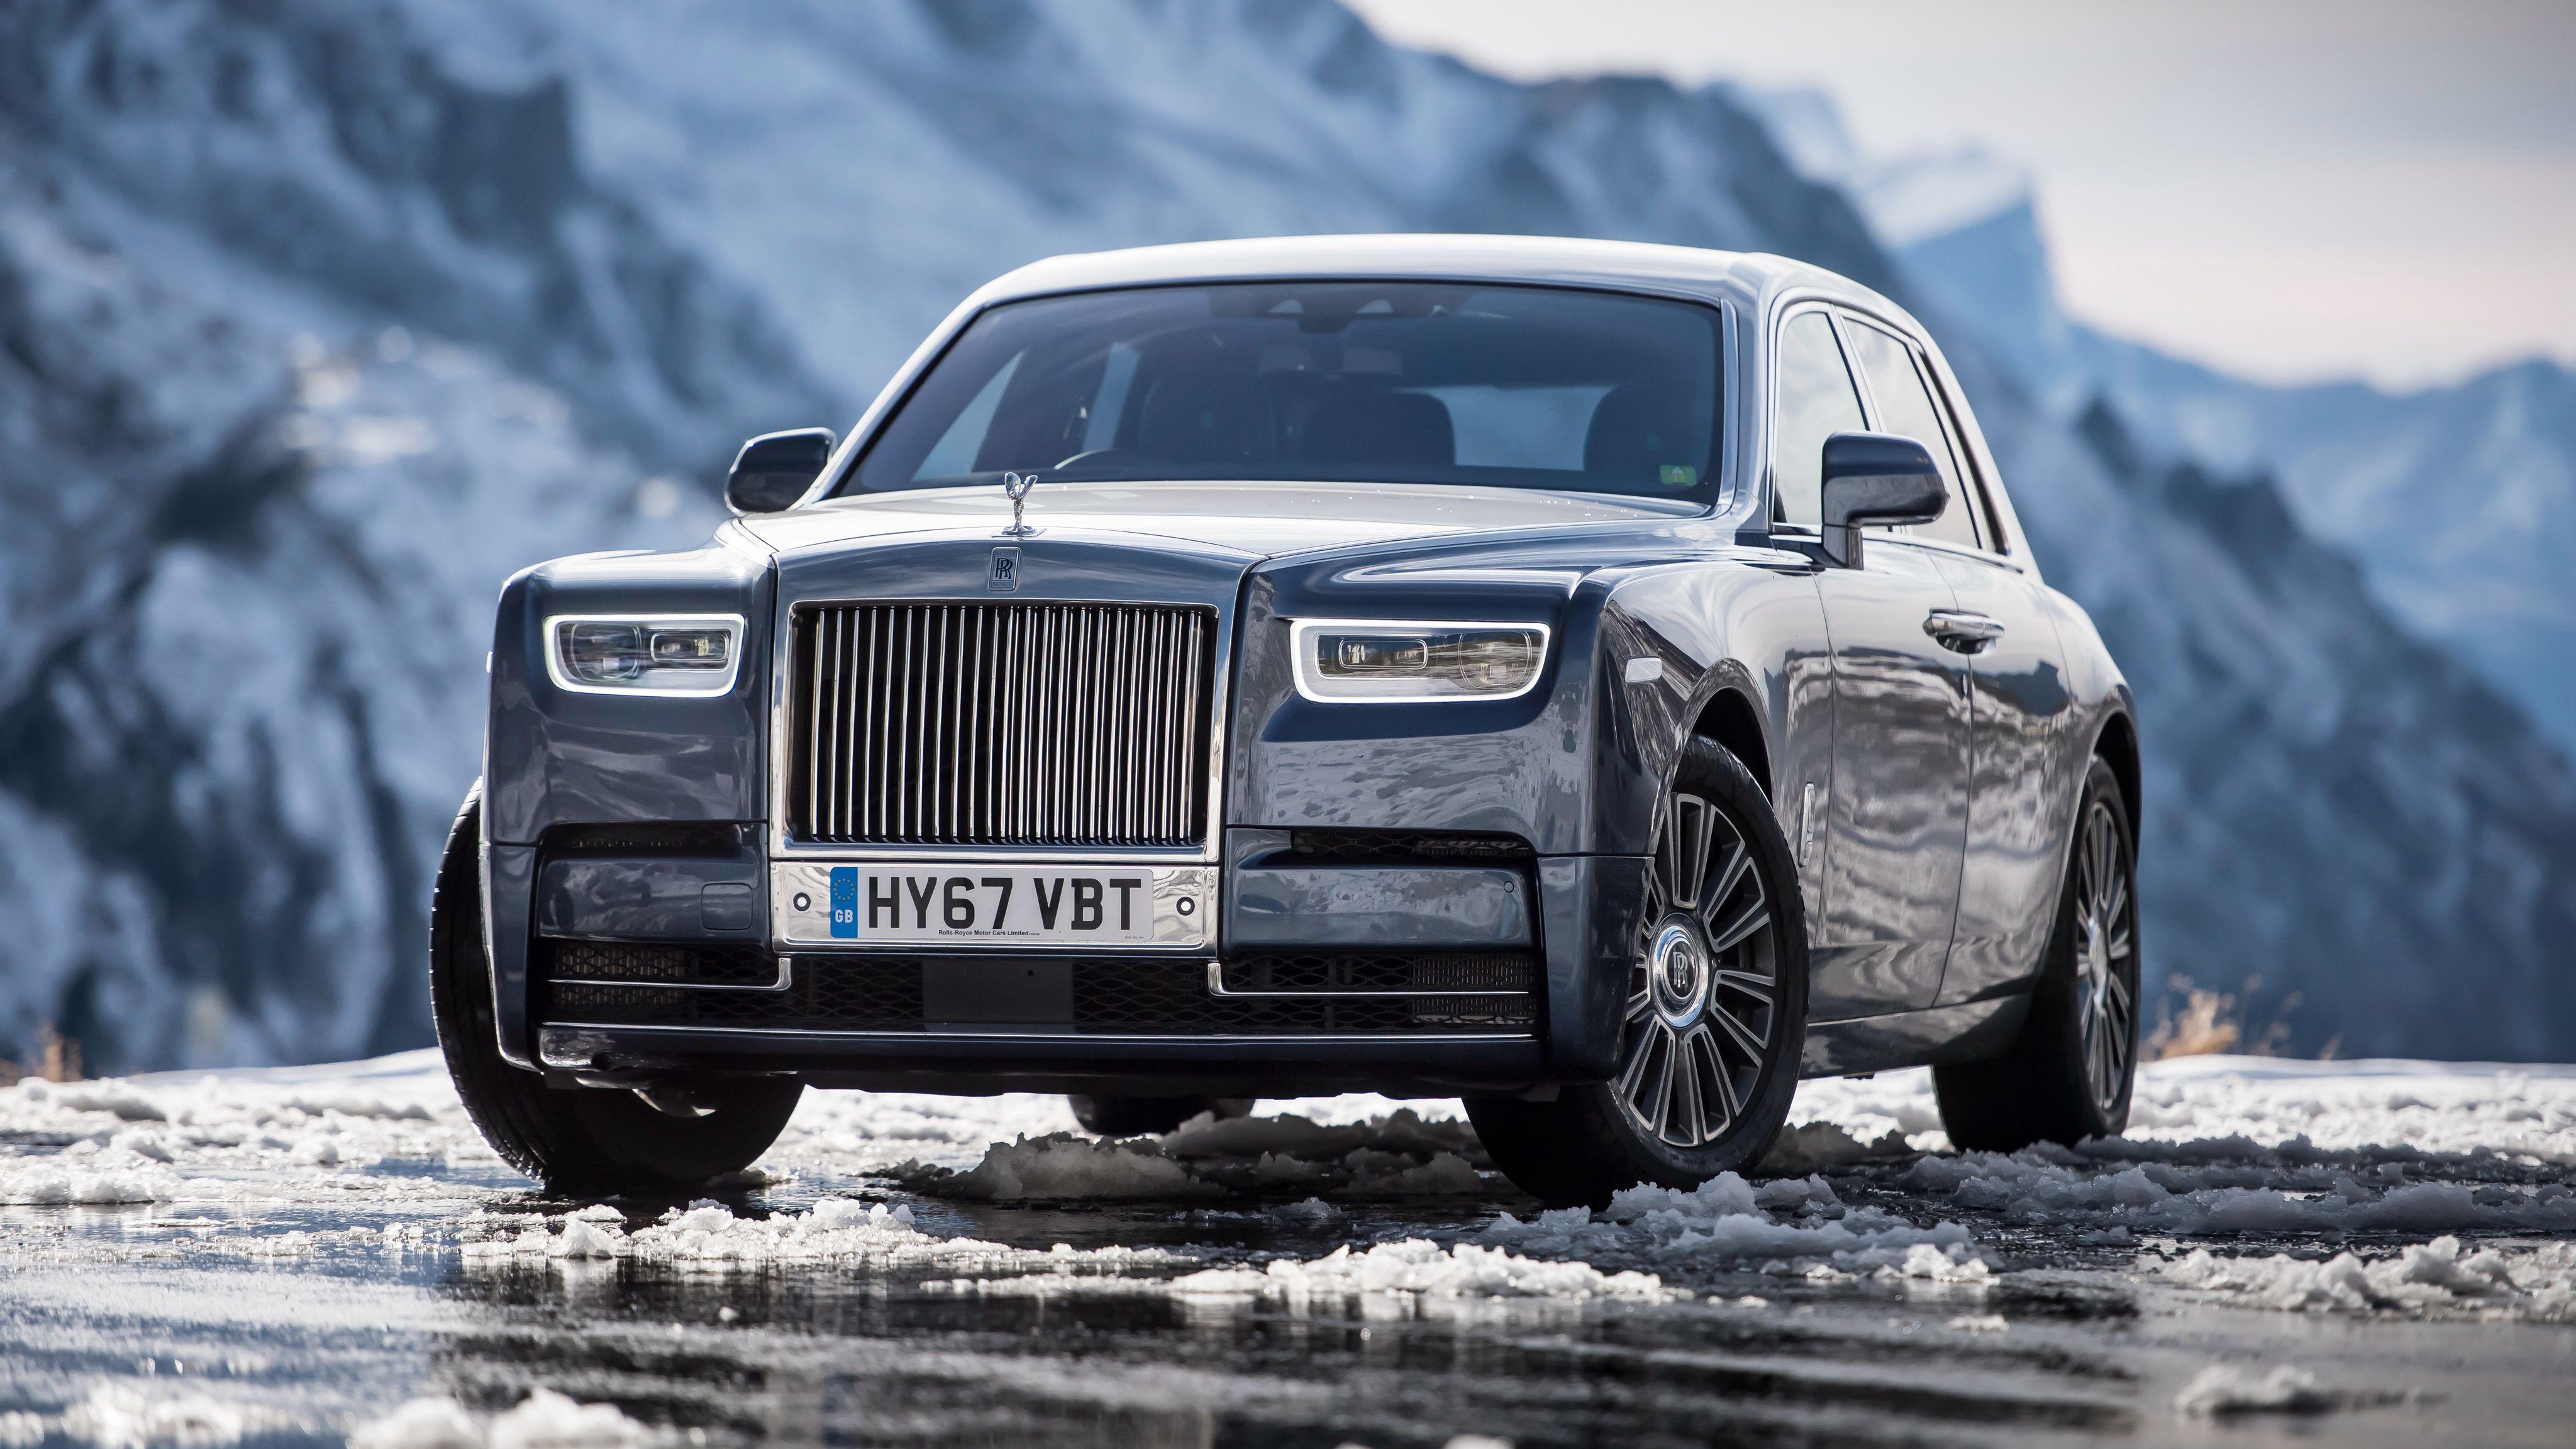 Rolls Royce Car 4k Wallpaper